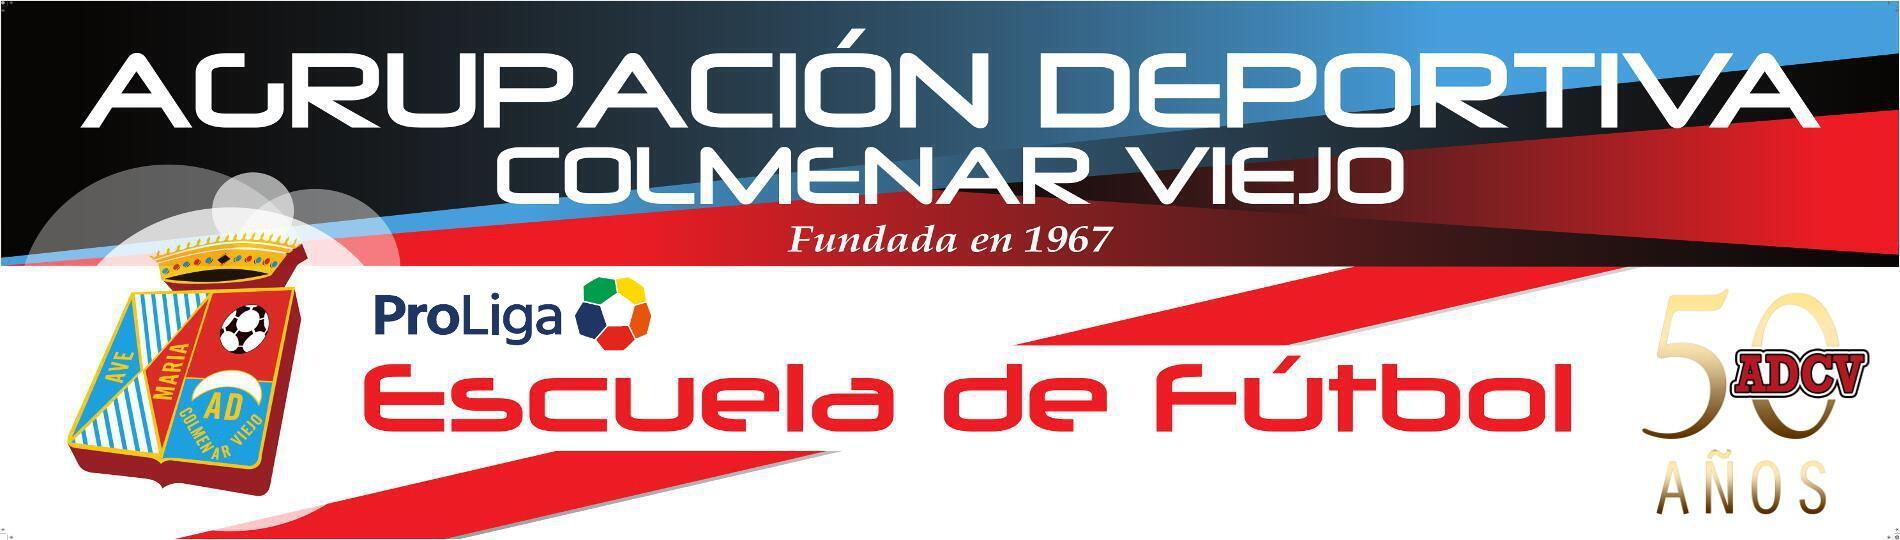 Agrupación Deportiva Colmenar Viejo